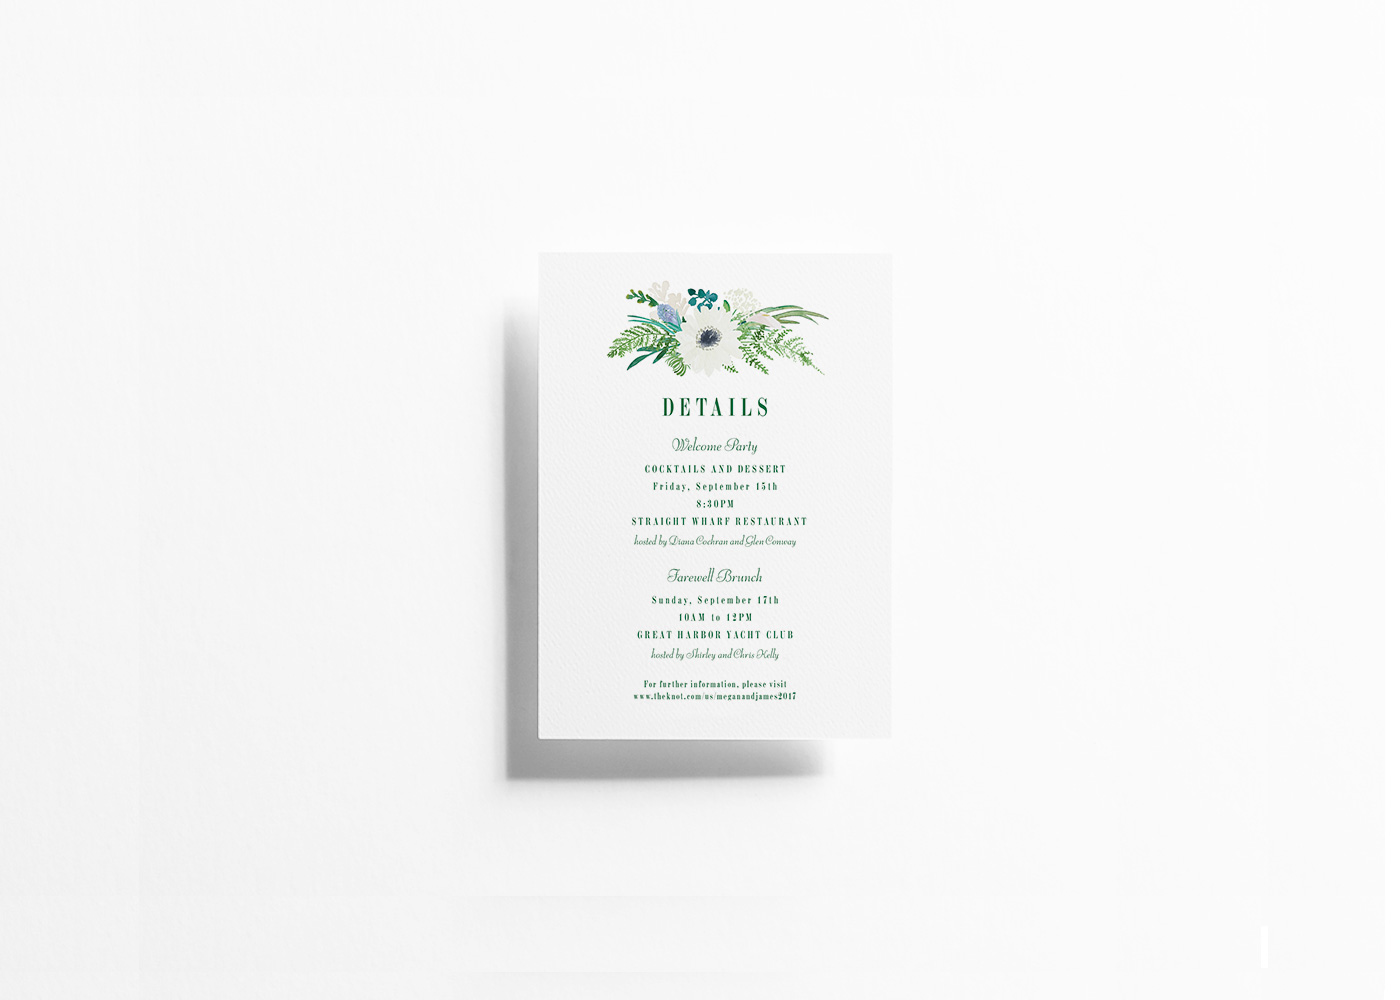 LoveLore_A6-Details-Card_SP18_BotanicalBliss.jpg